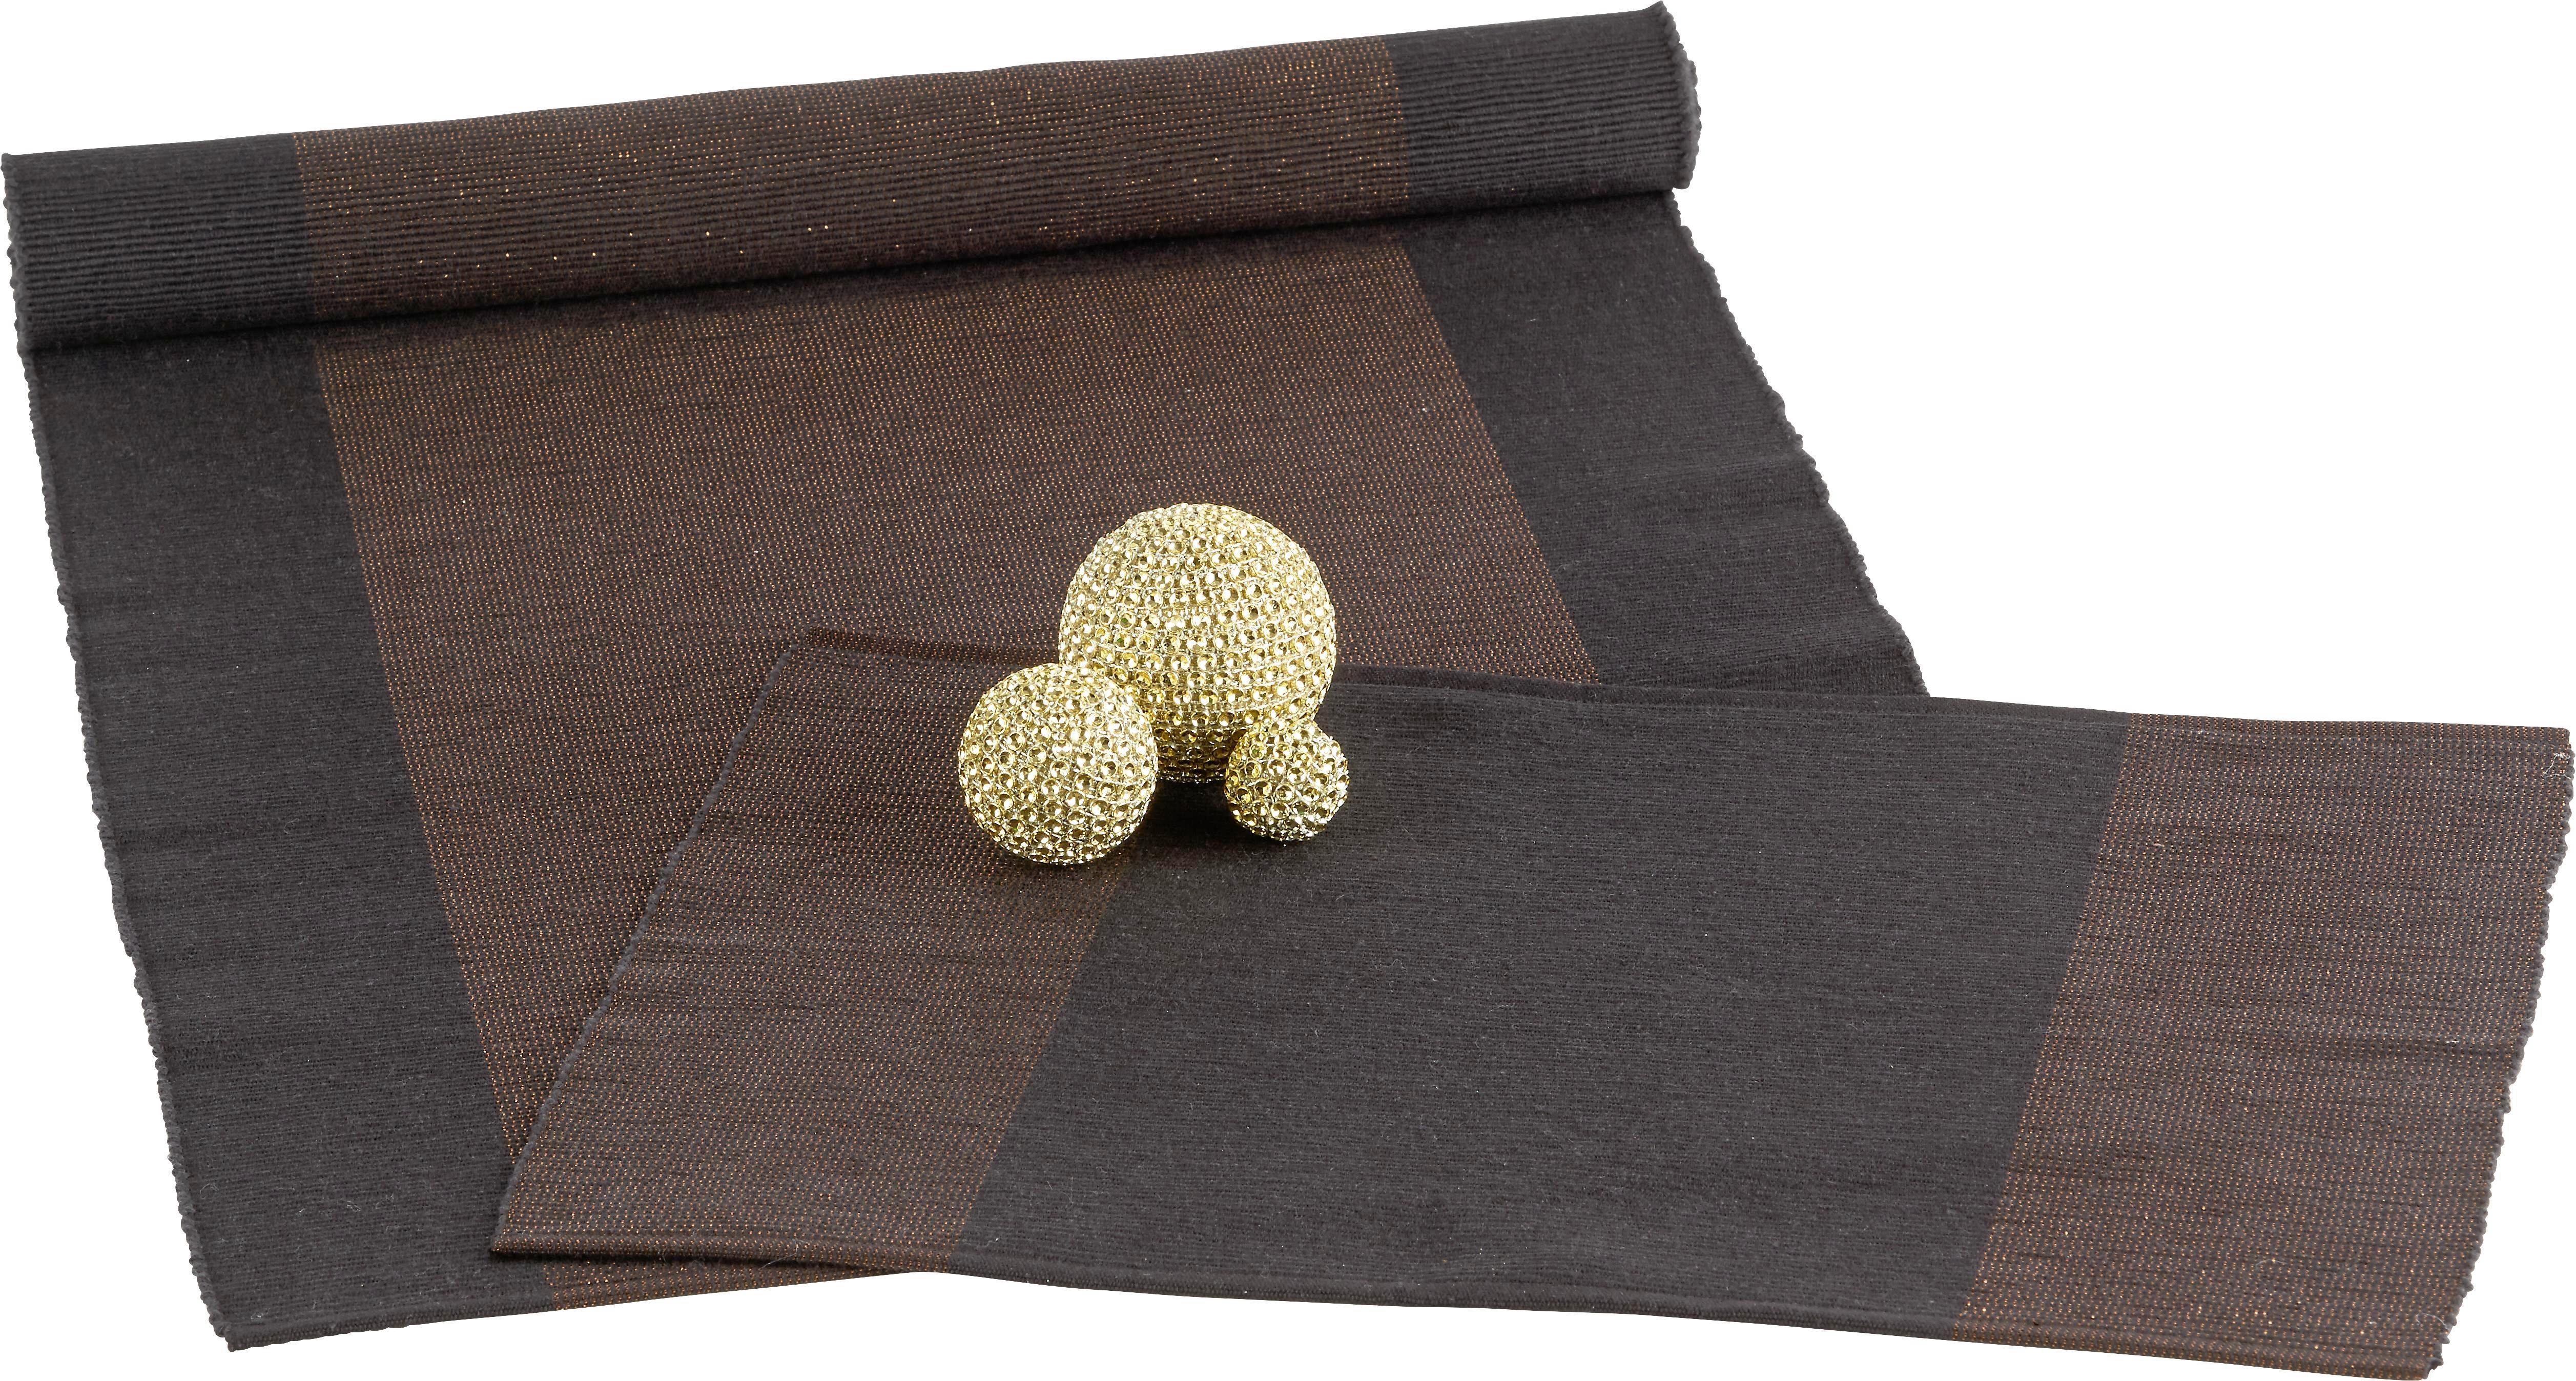 Asztali Futó Brando - fekete/réz színek, Lifestyle, textil (45/150cm) - MÖMAX modern living